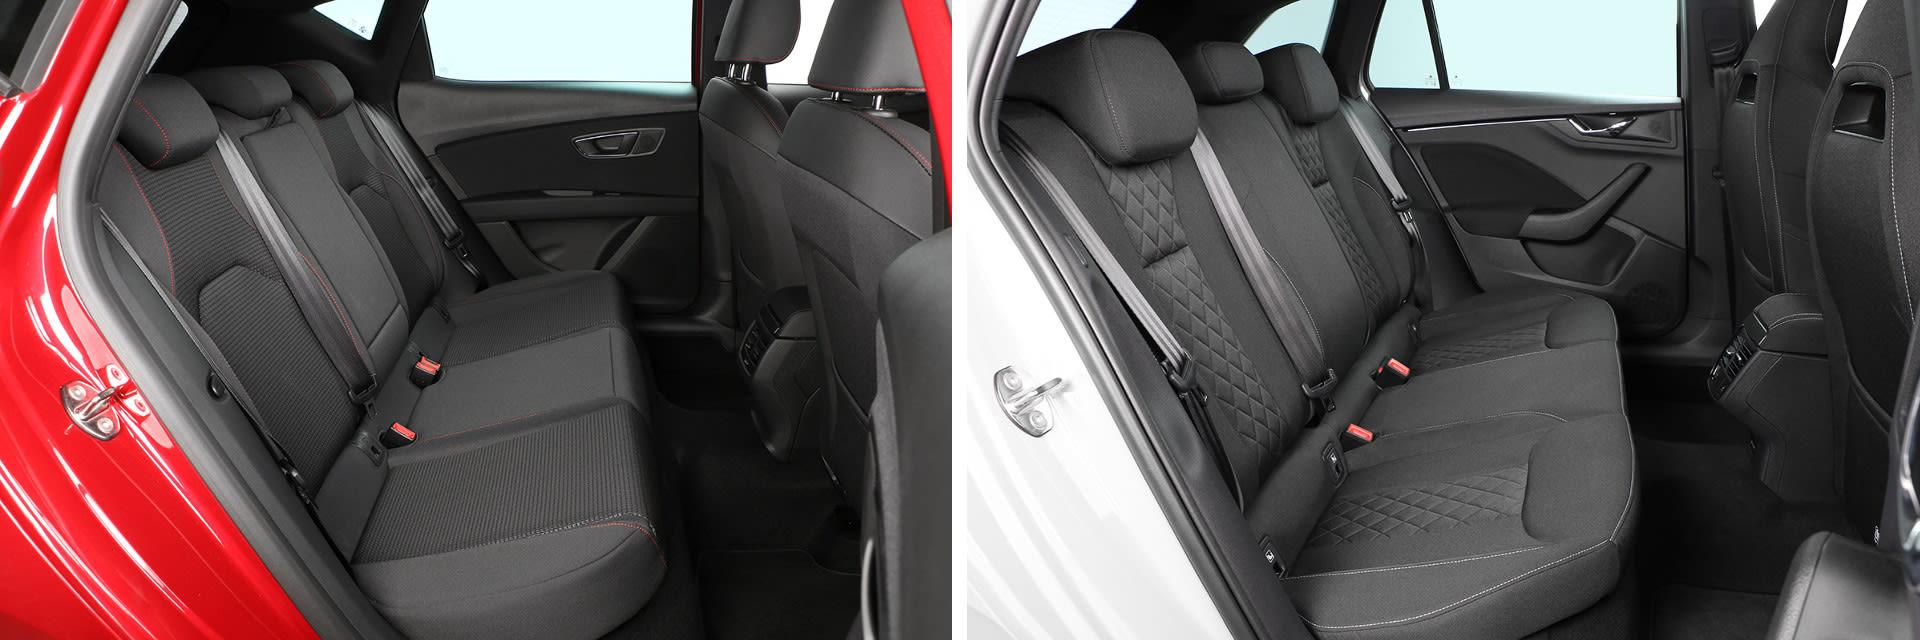 El Škoda Scala (dcha.) es el modelo de su segmento con mayor espacio para las piernas en la fila posterior de asientos.